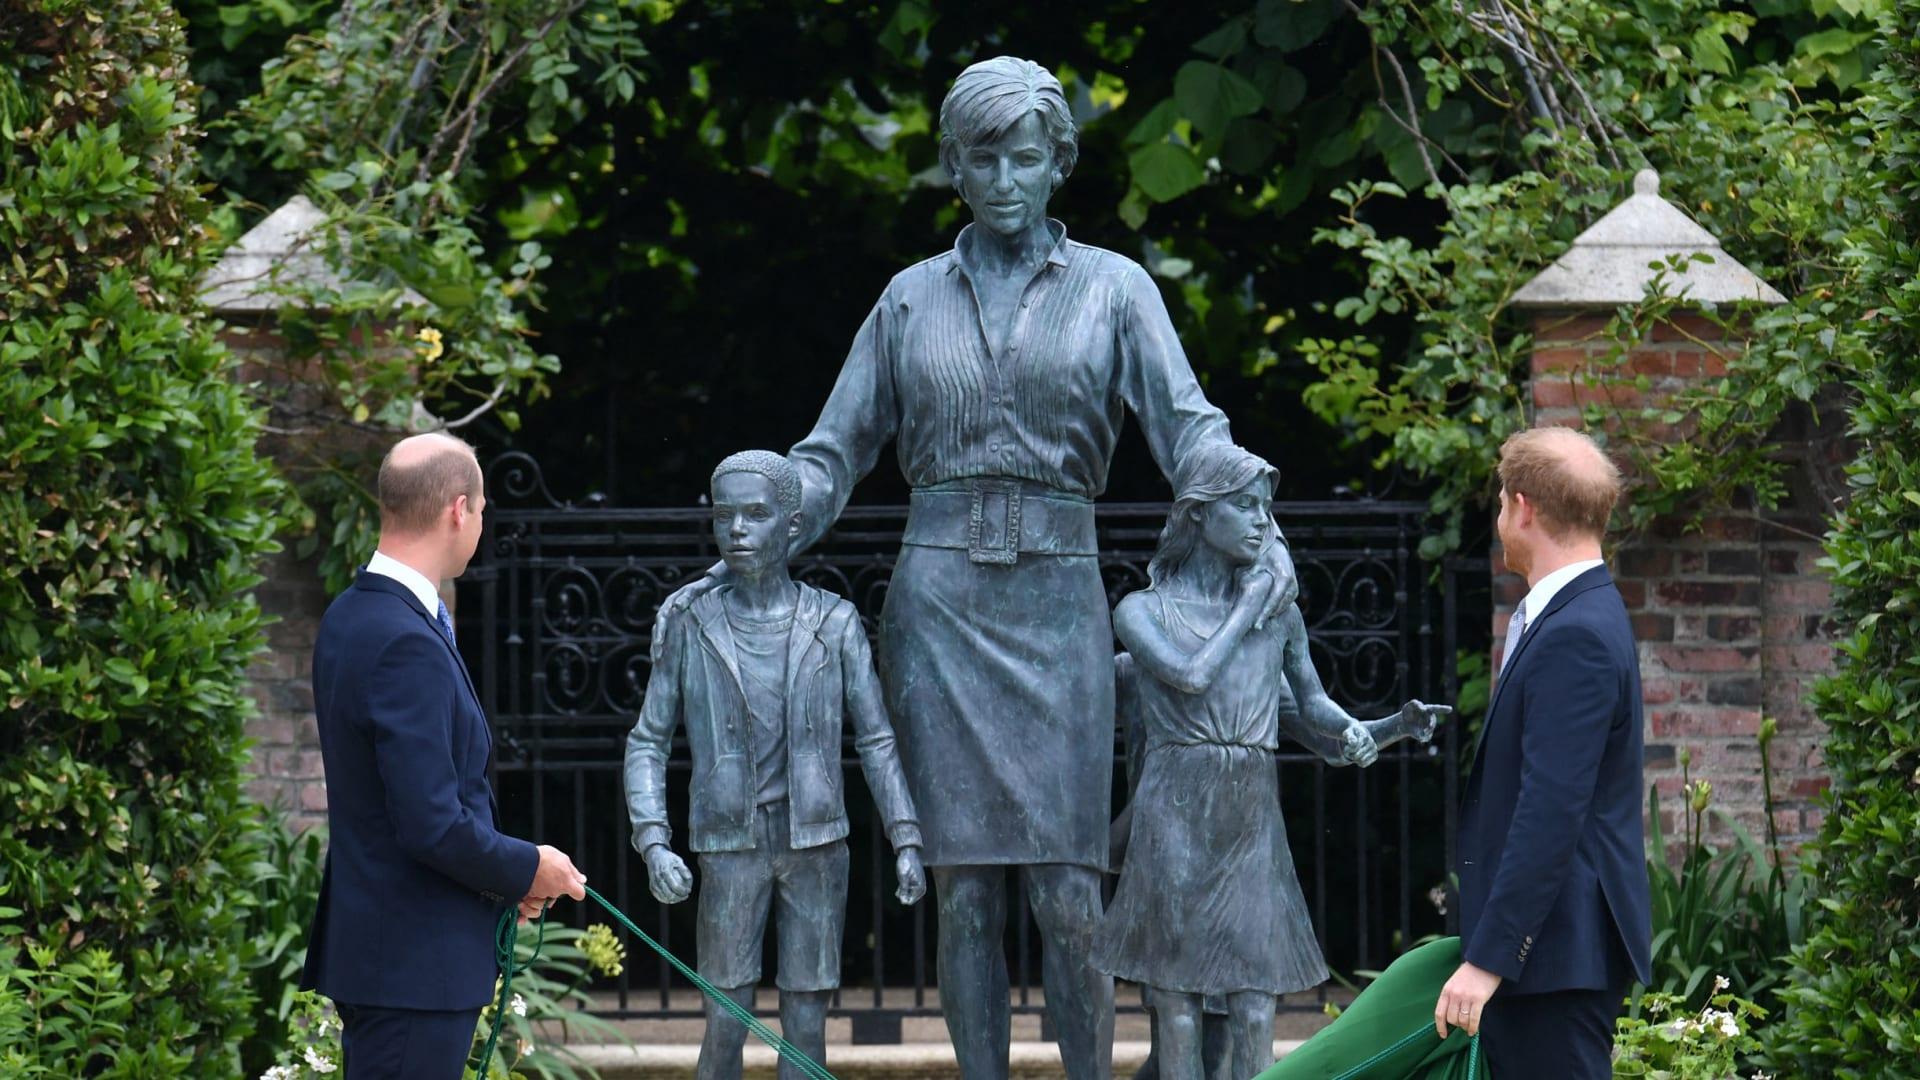 الأمير البريطاني وليام وشقيقه الأمير هاري أمام تمثال لأمهما الأميرة ديانا في قصر كنسينغتون بلندن